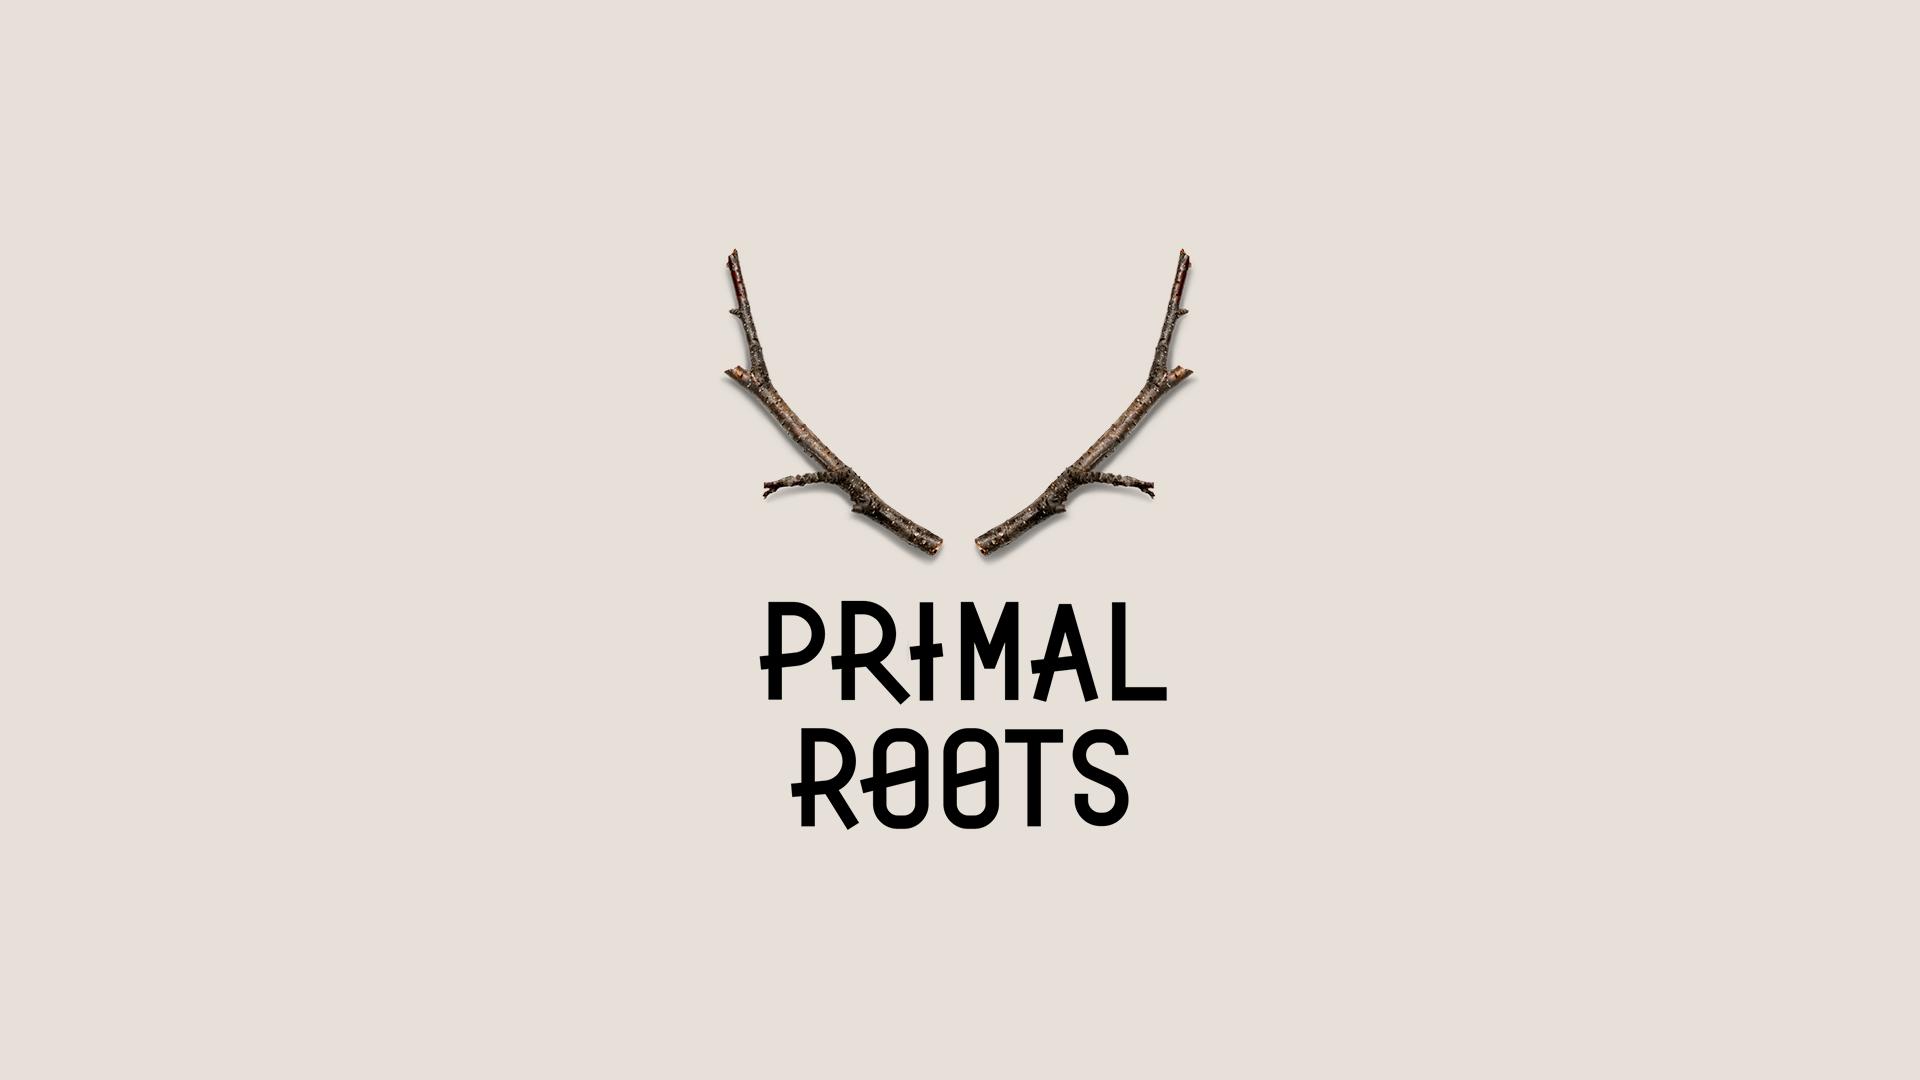 01_Lantern_Primal_Roots.png